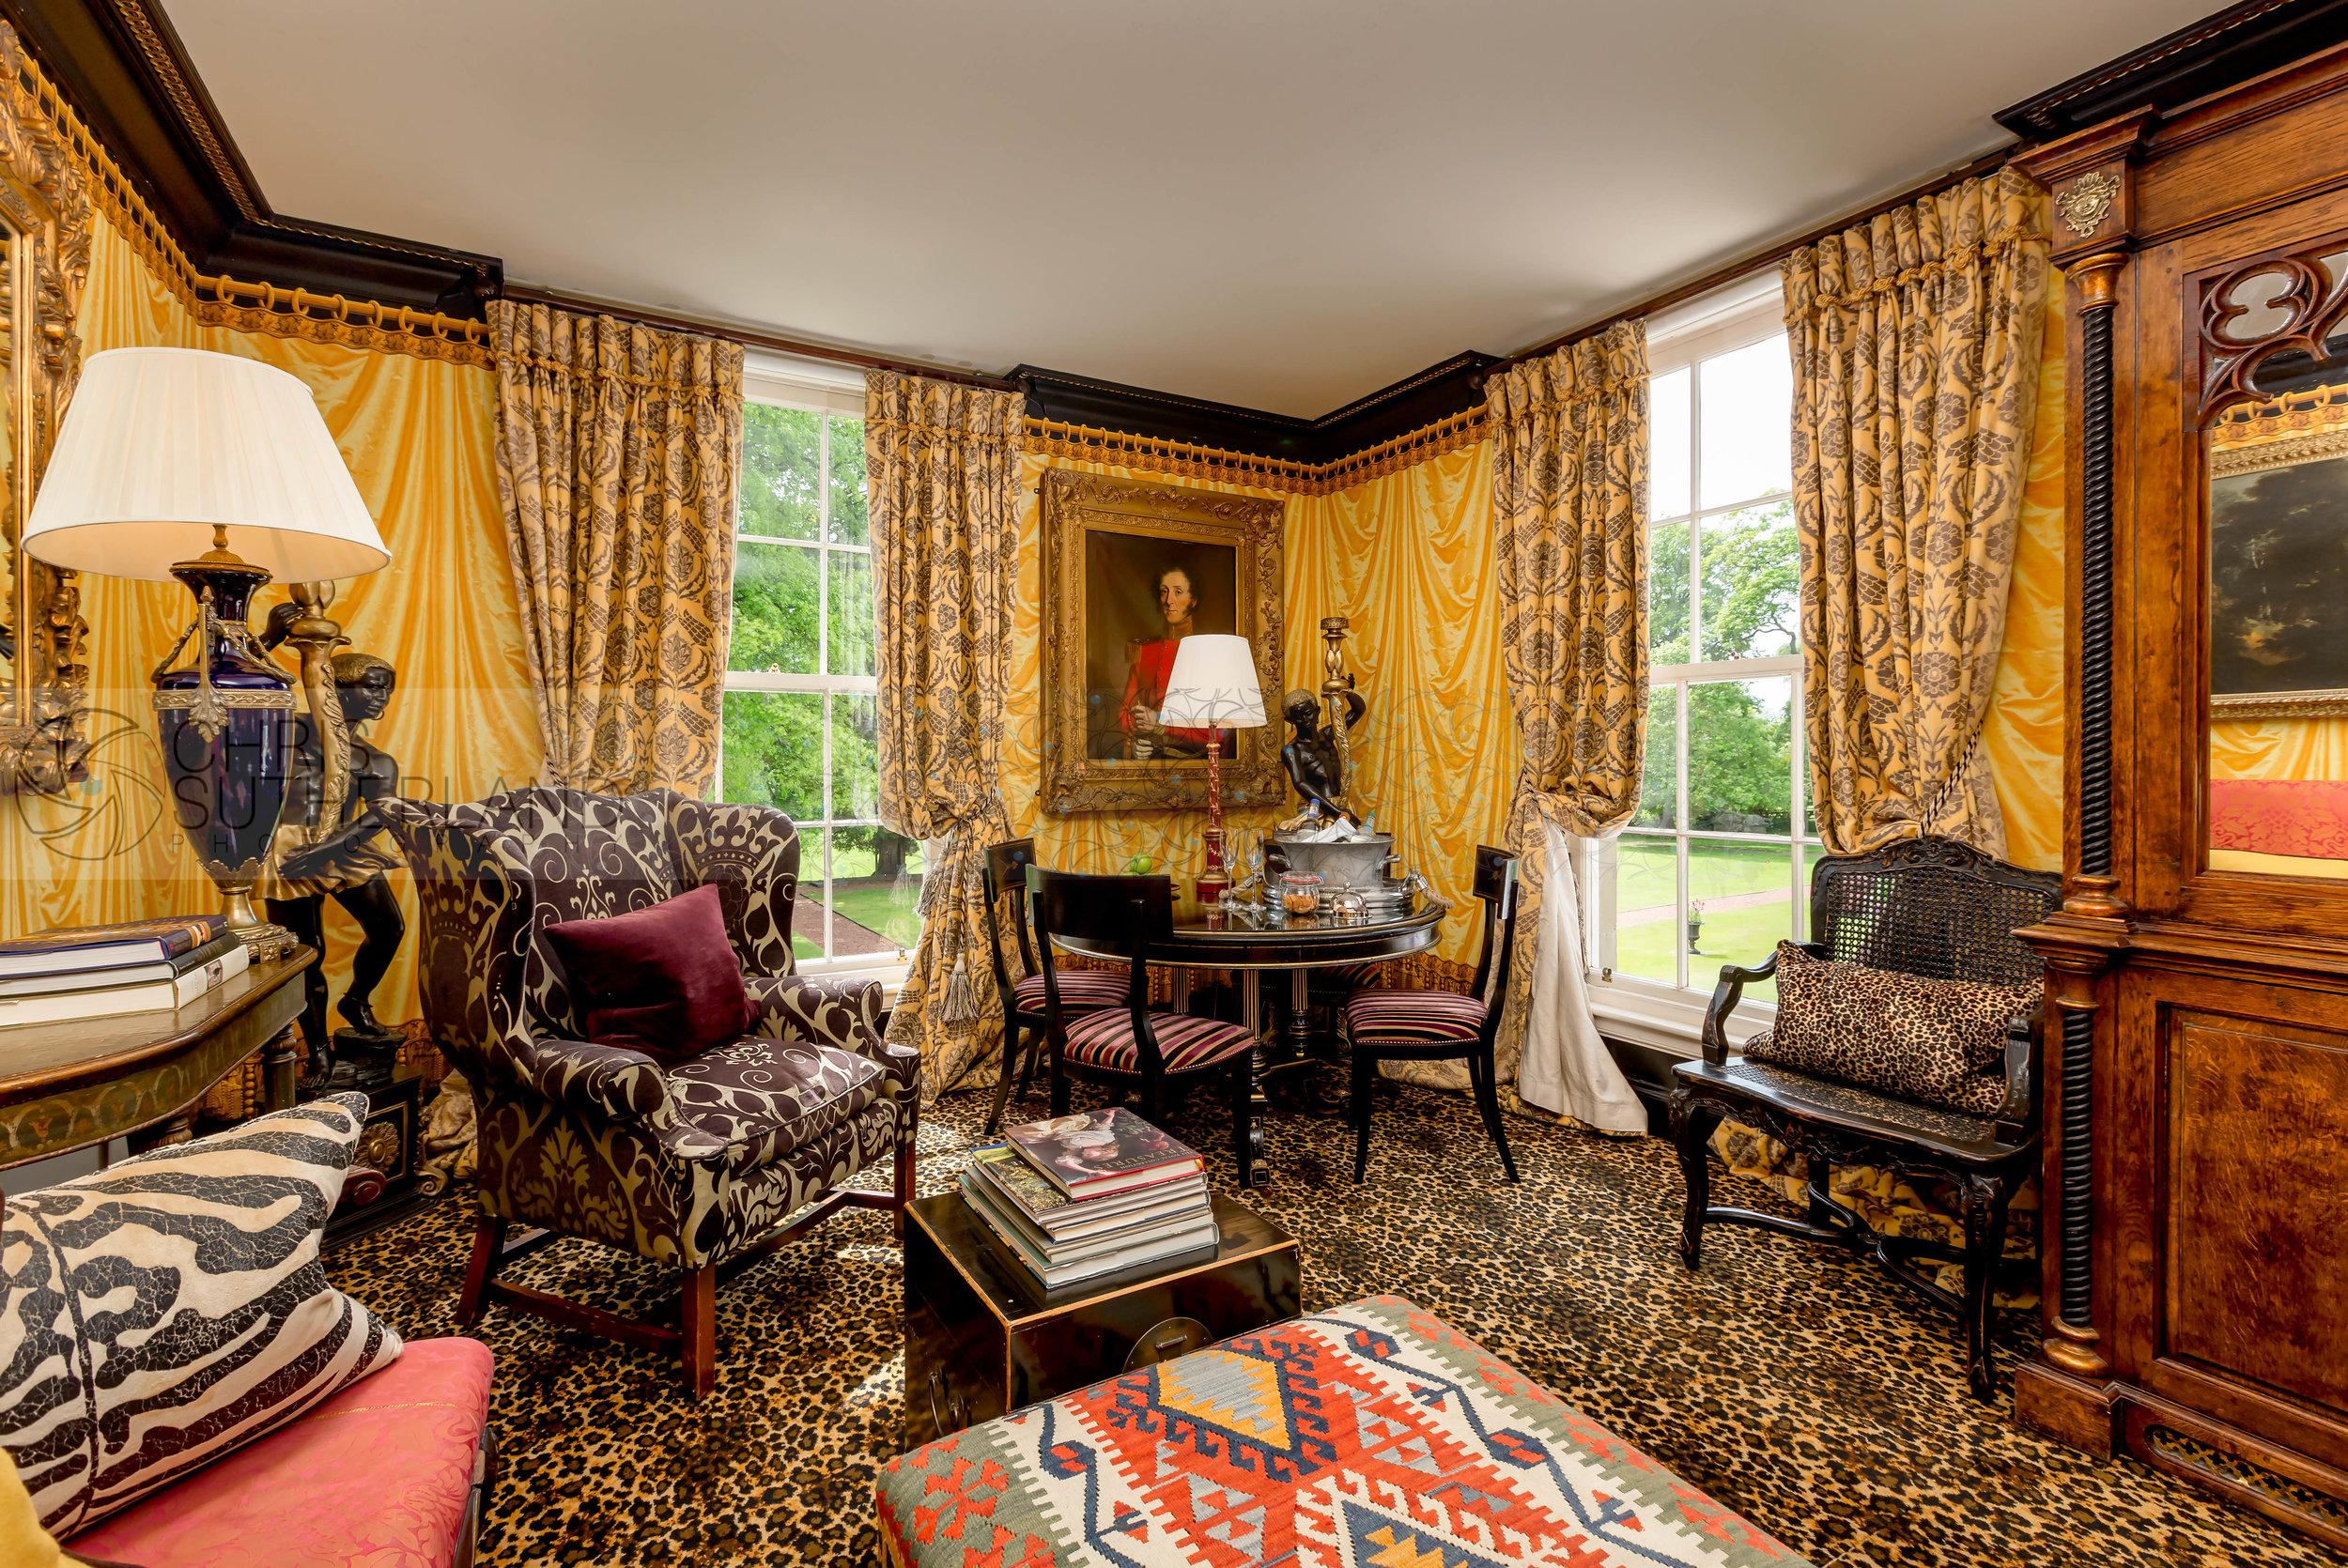 Prestonfield House Day 1 Benjamin Franklin-7.jpg